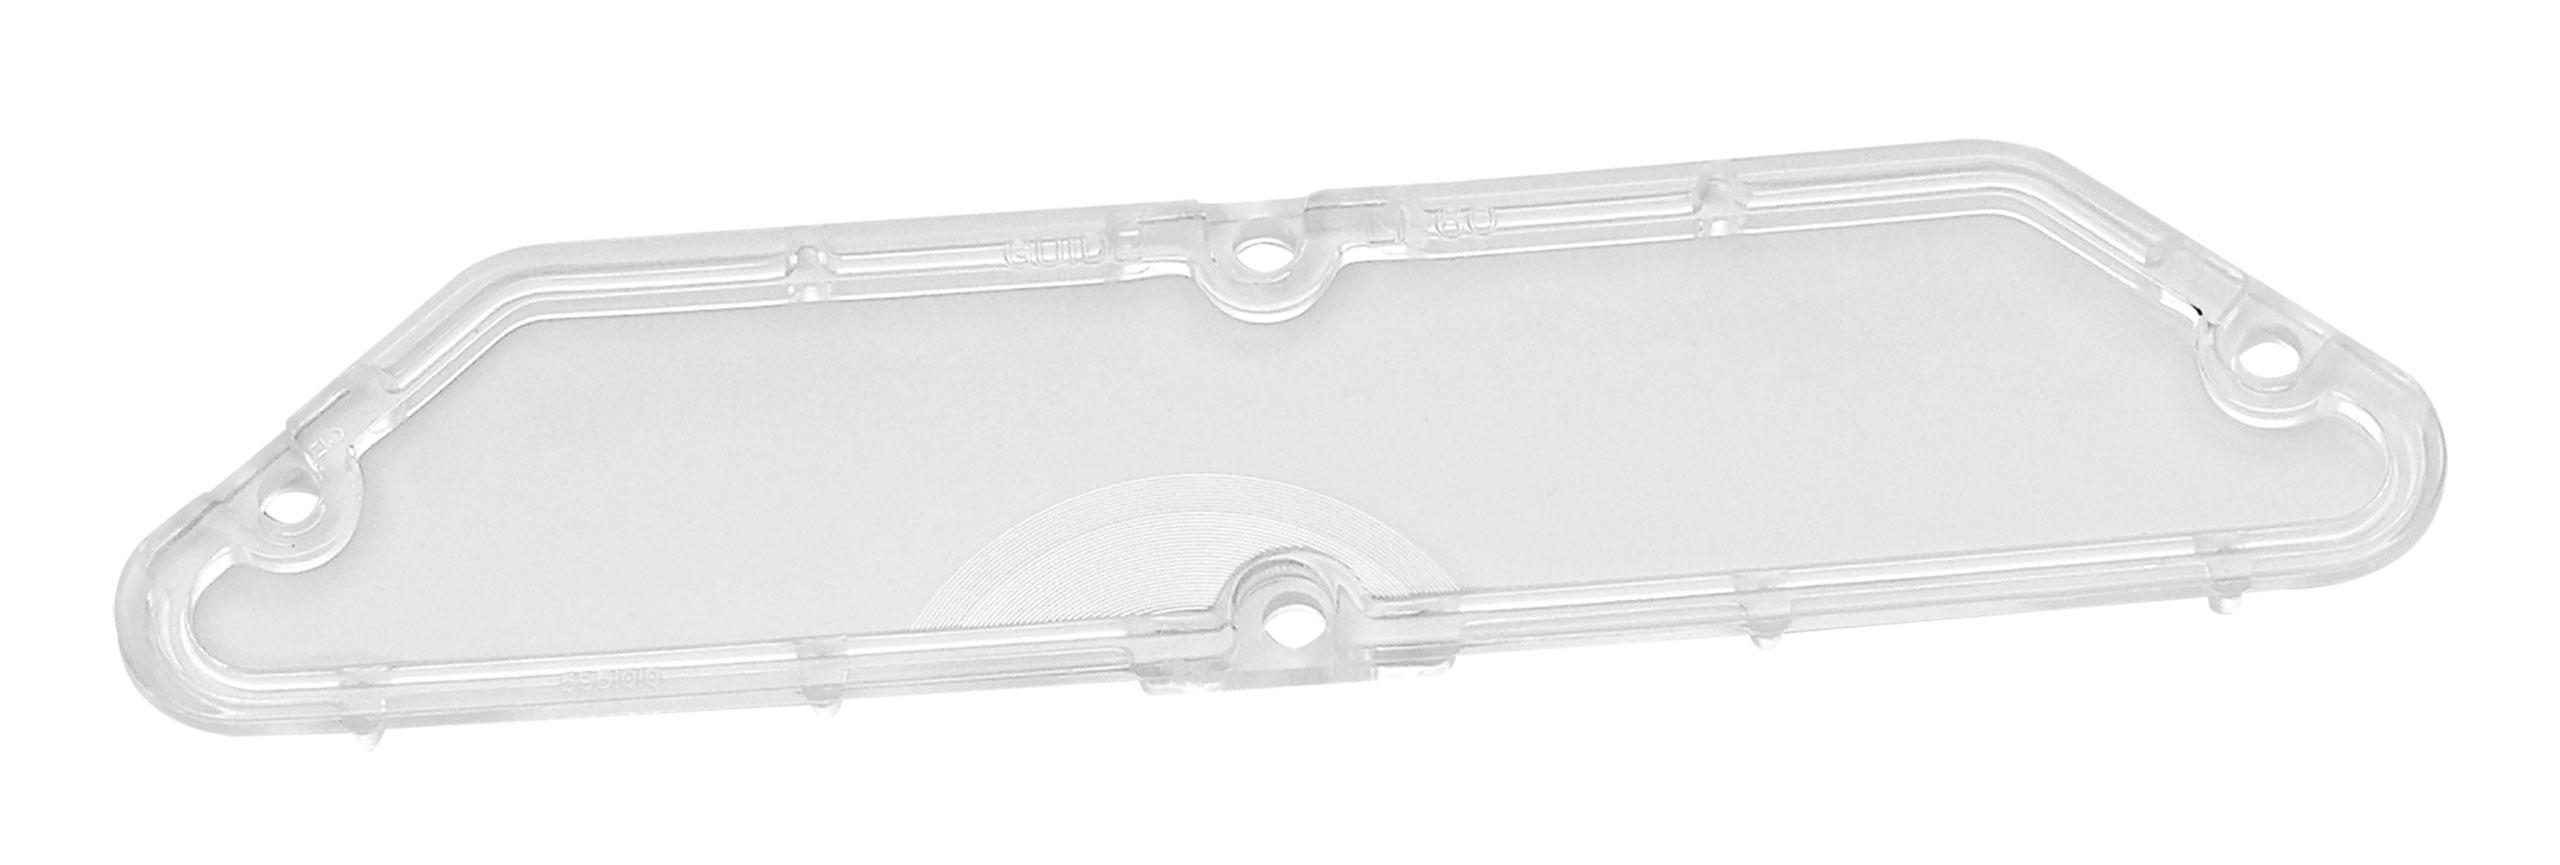 Trim Parts 1961-1967 Chevrolet Corvette License Light Lens. Rear